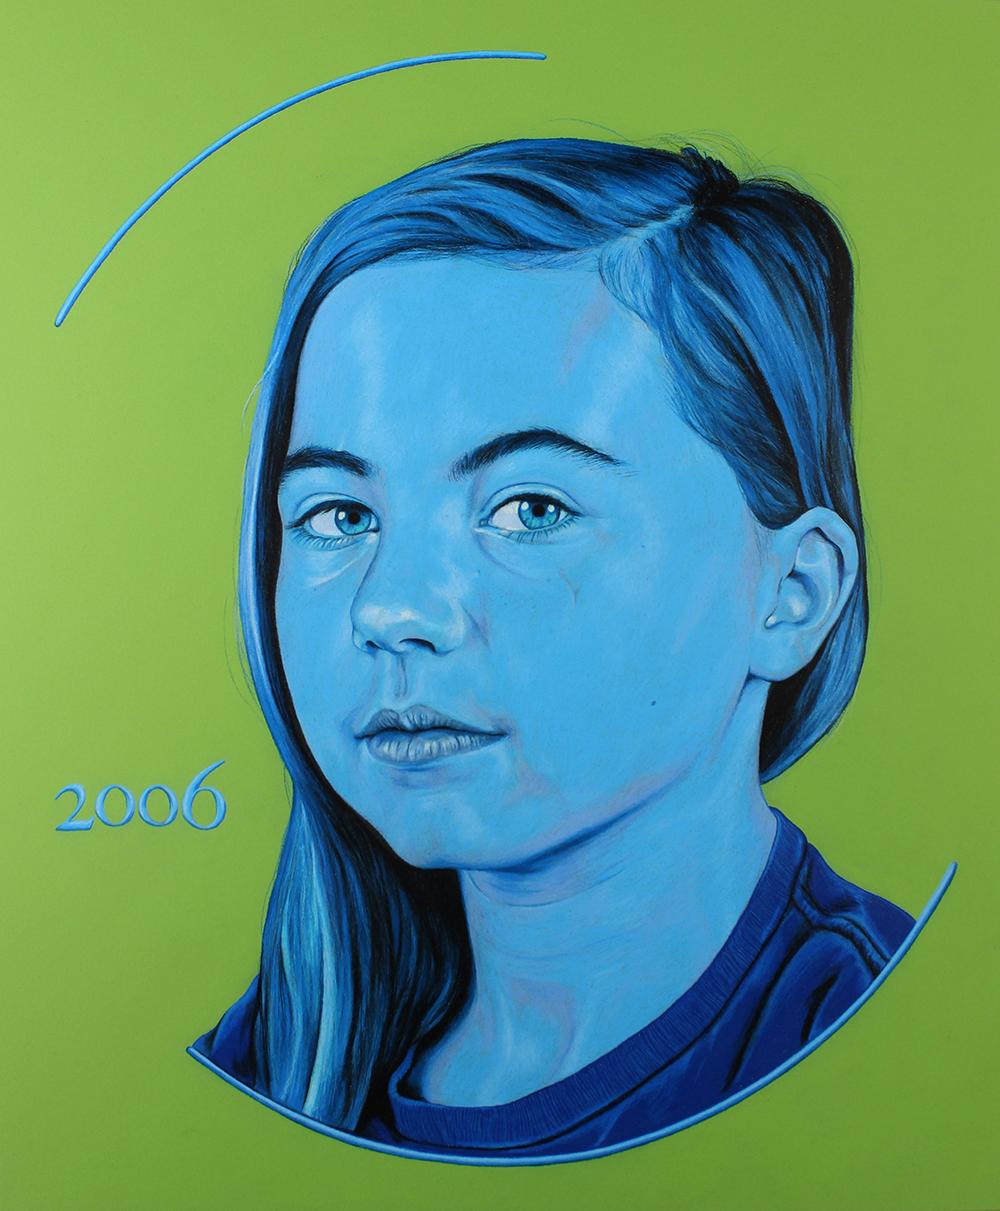 Grace-2006